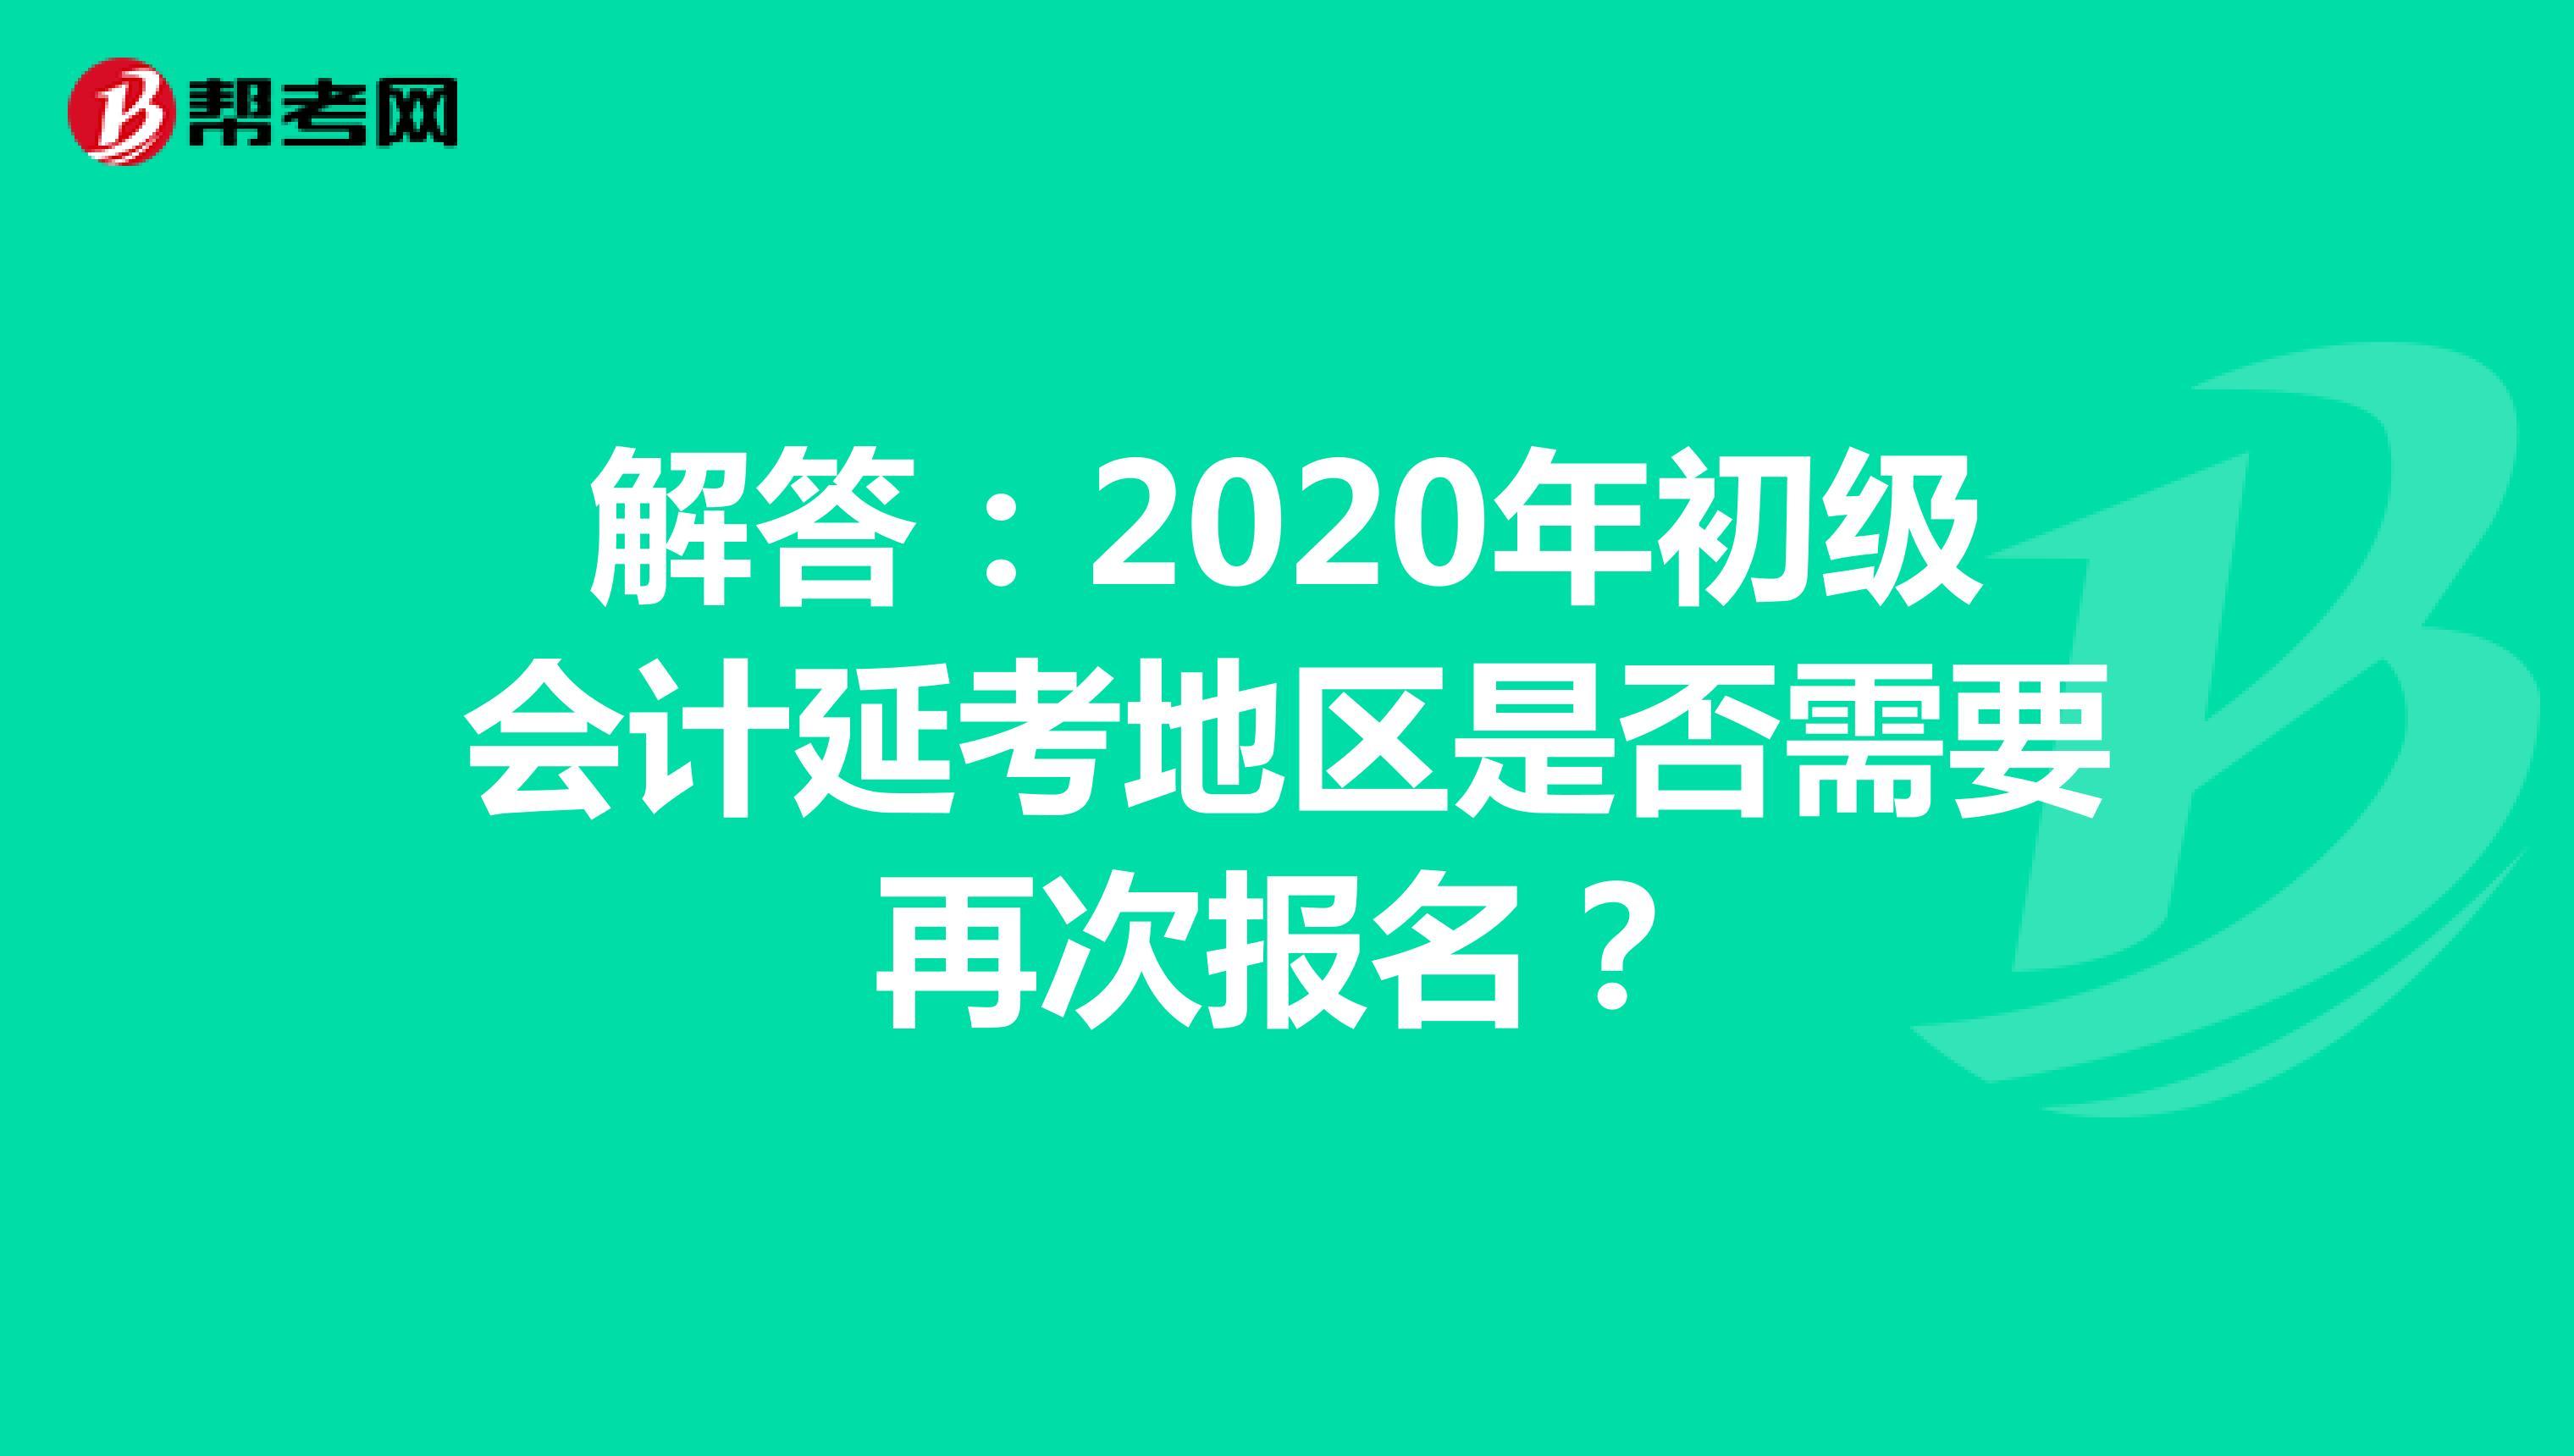 解答:2020年初级会计延考地区是否需要再次报名?